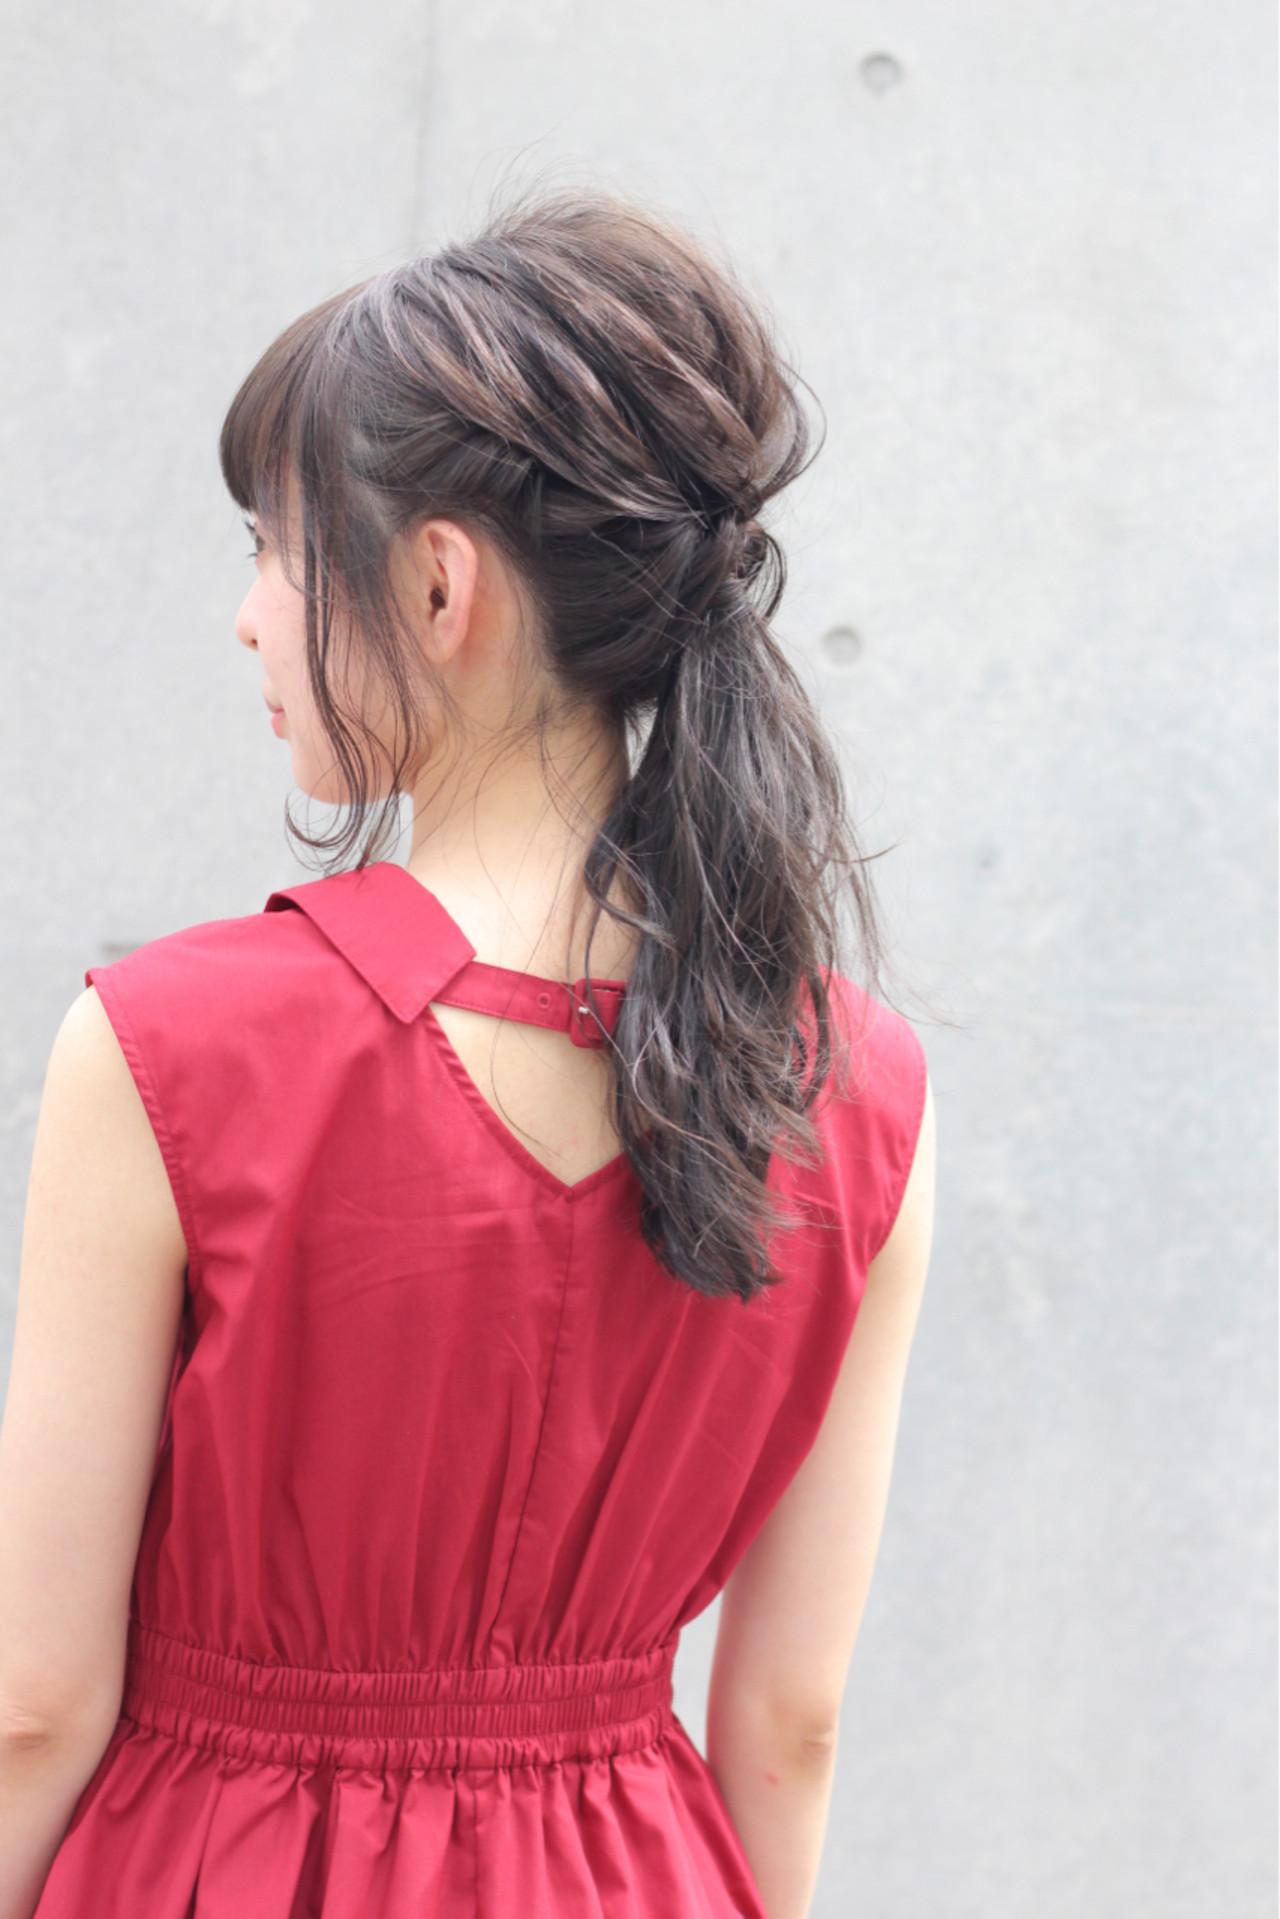 ポニーテールの王道!女子力高めのヘアアレンジ Wataru Maeda